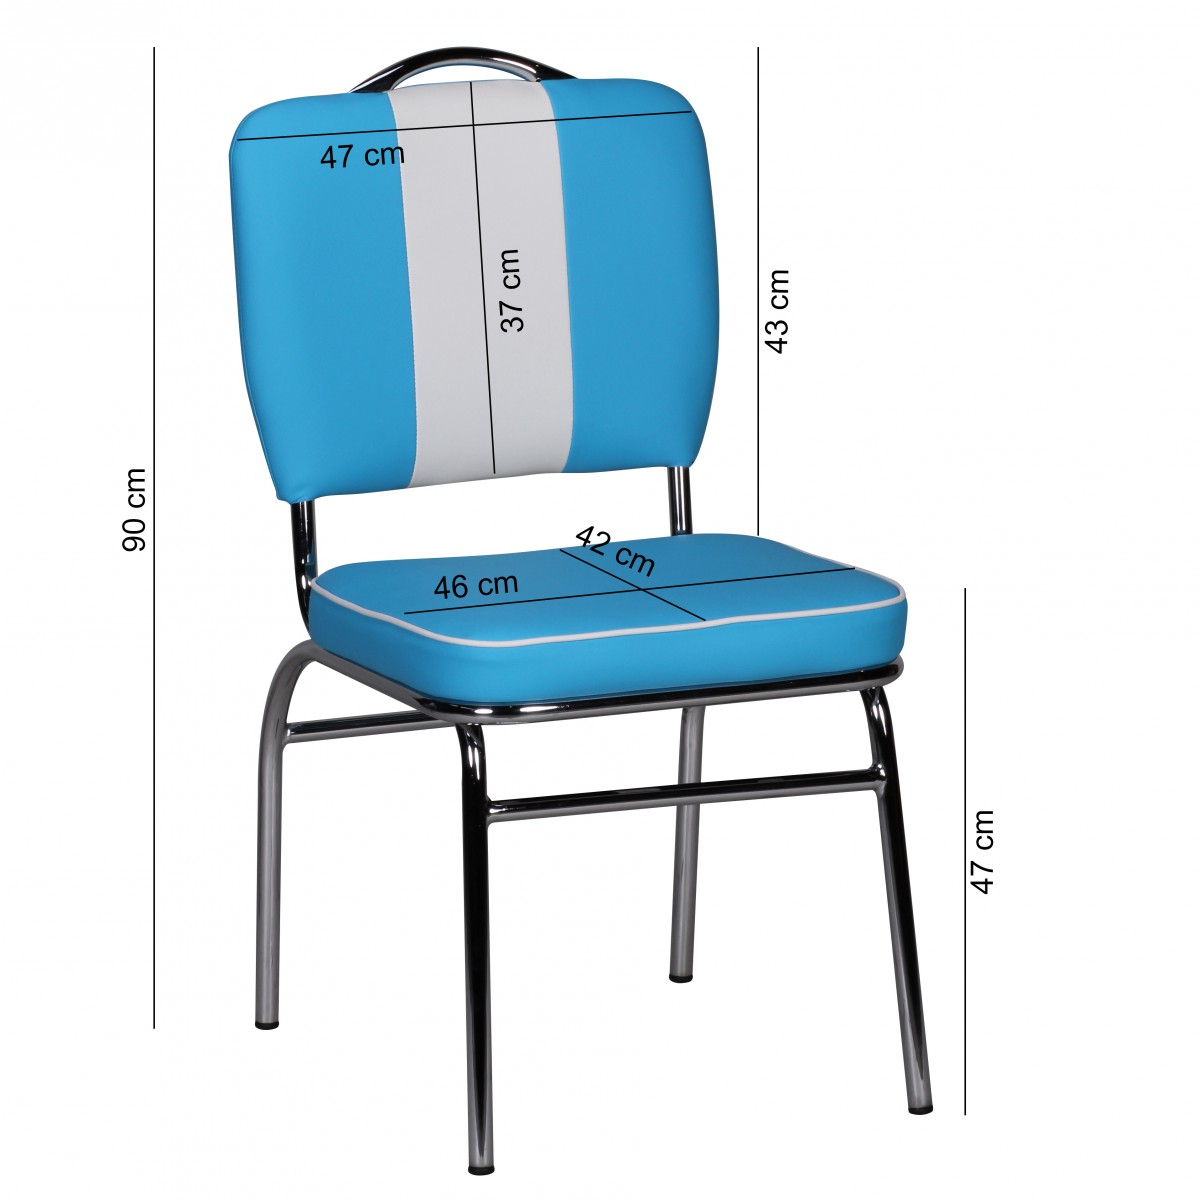 wohnling esszimmerstuhl elvis american diner 50er jahre retro sitzfl che gepolstert mit r cken. Black Bedroom Furniture Sets. Home Design Ideas